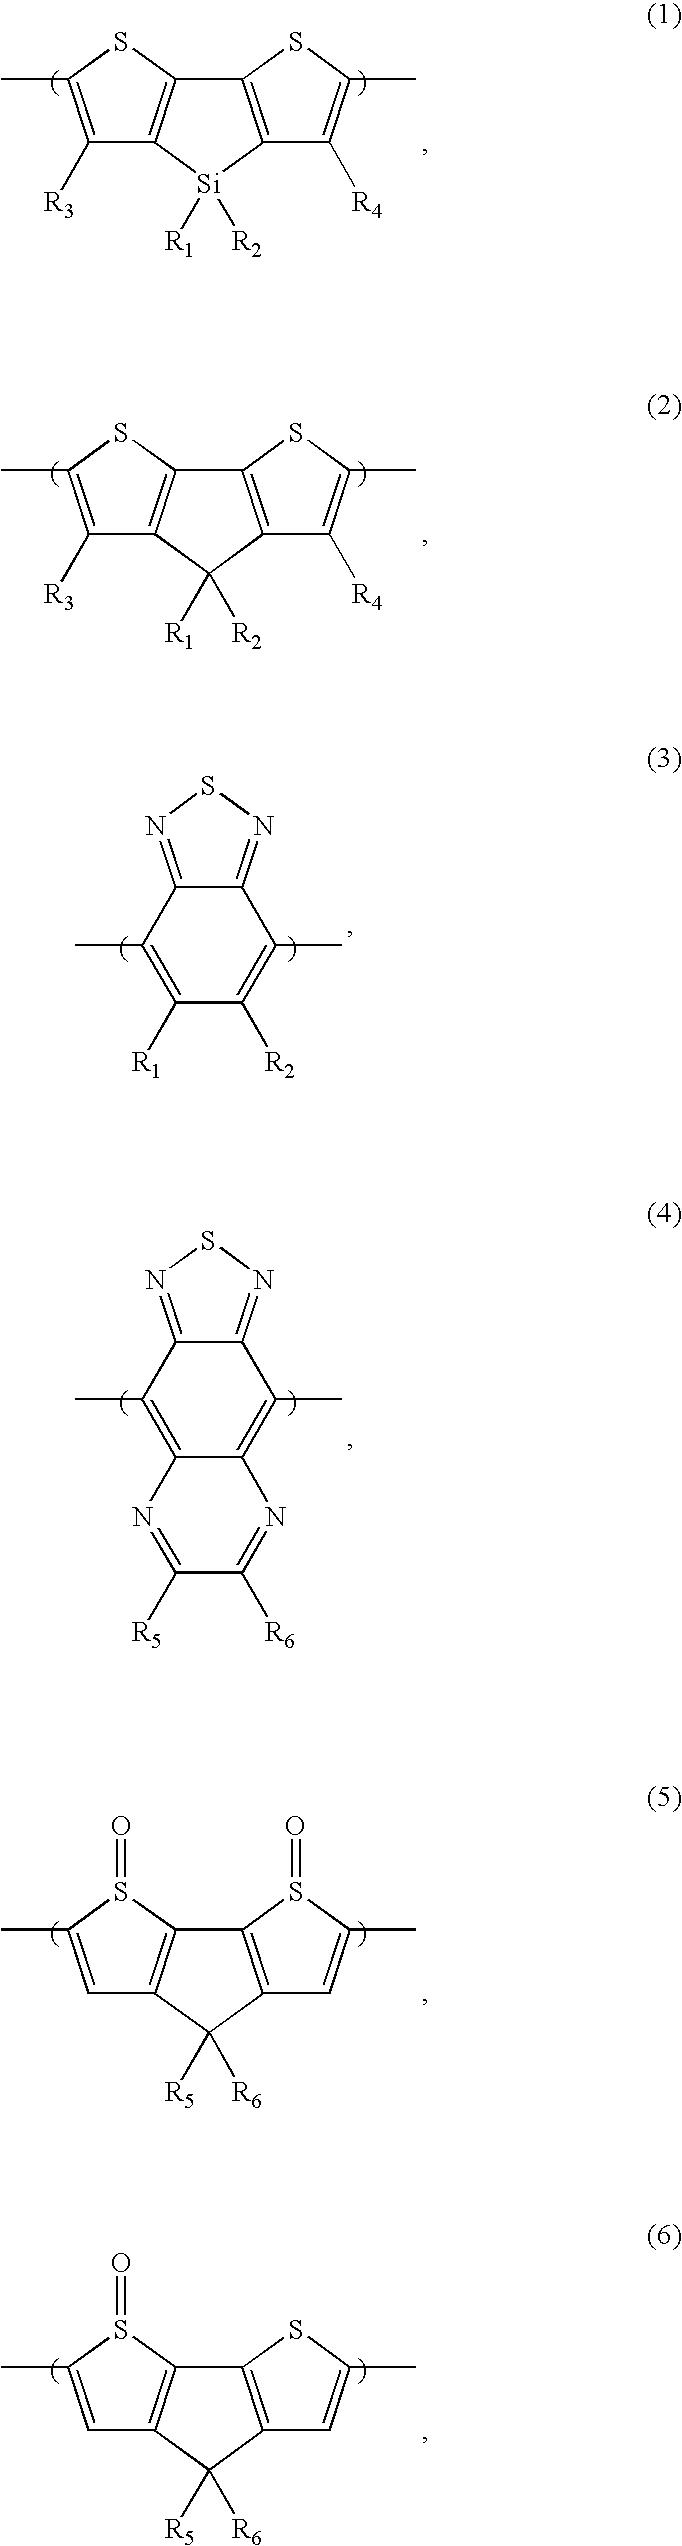 Figure US20090308380A1-20091217-C00001